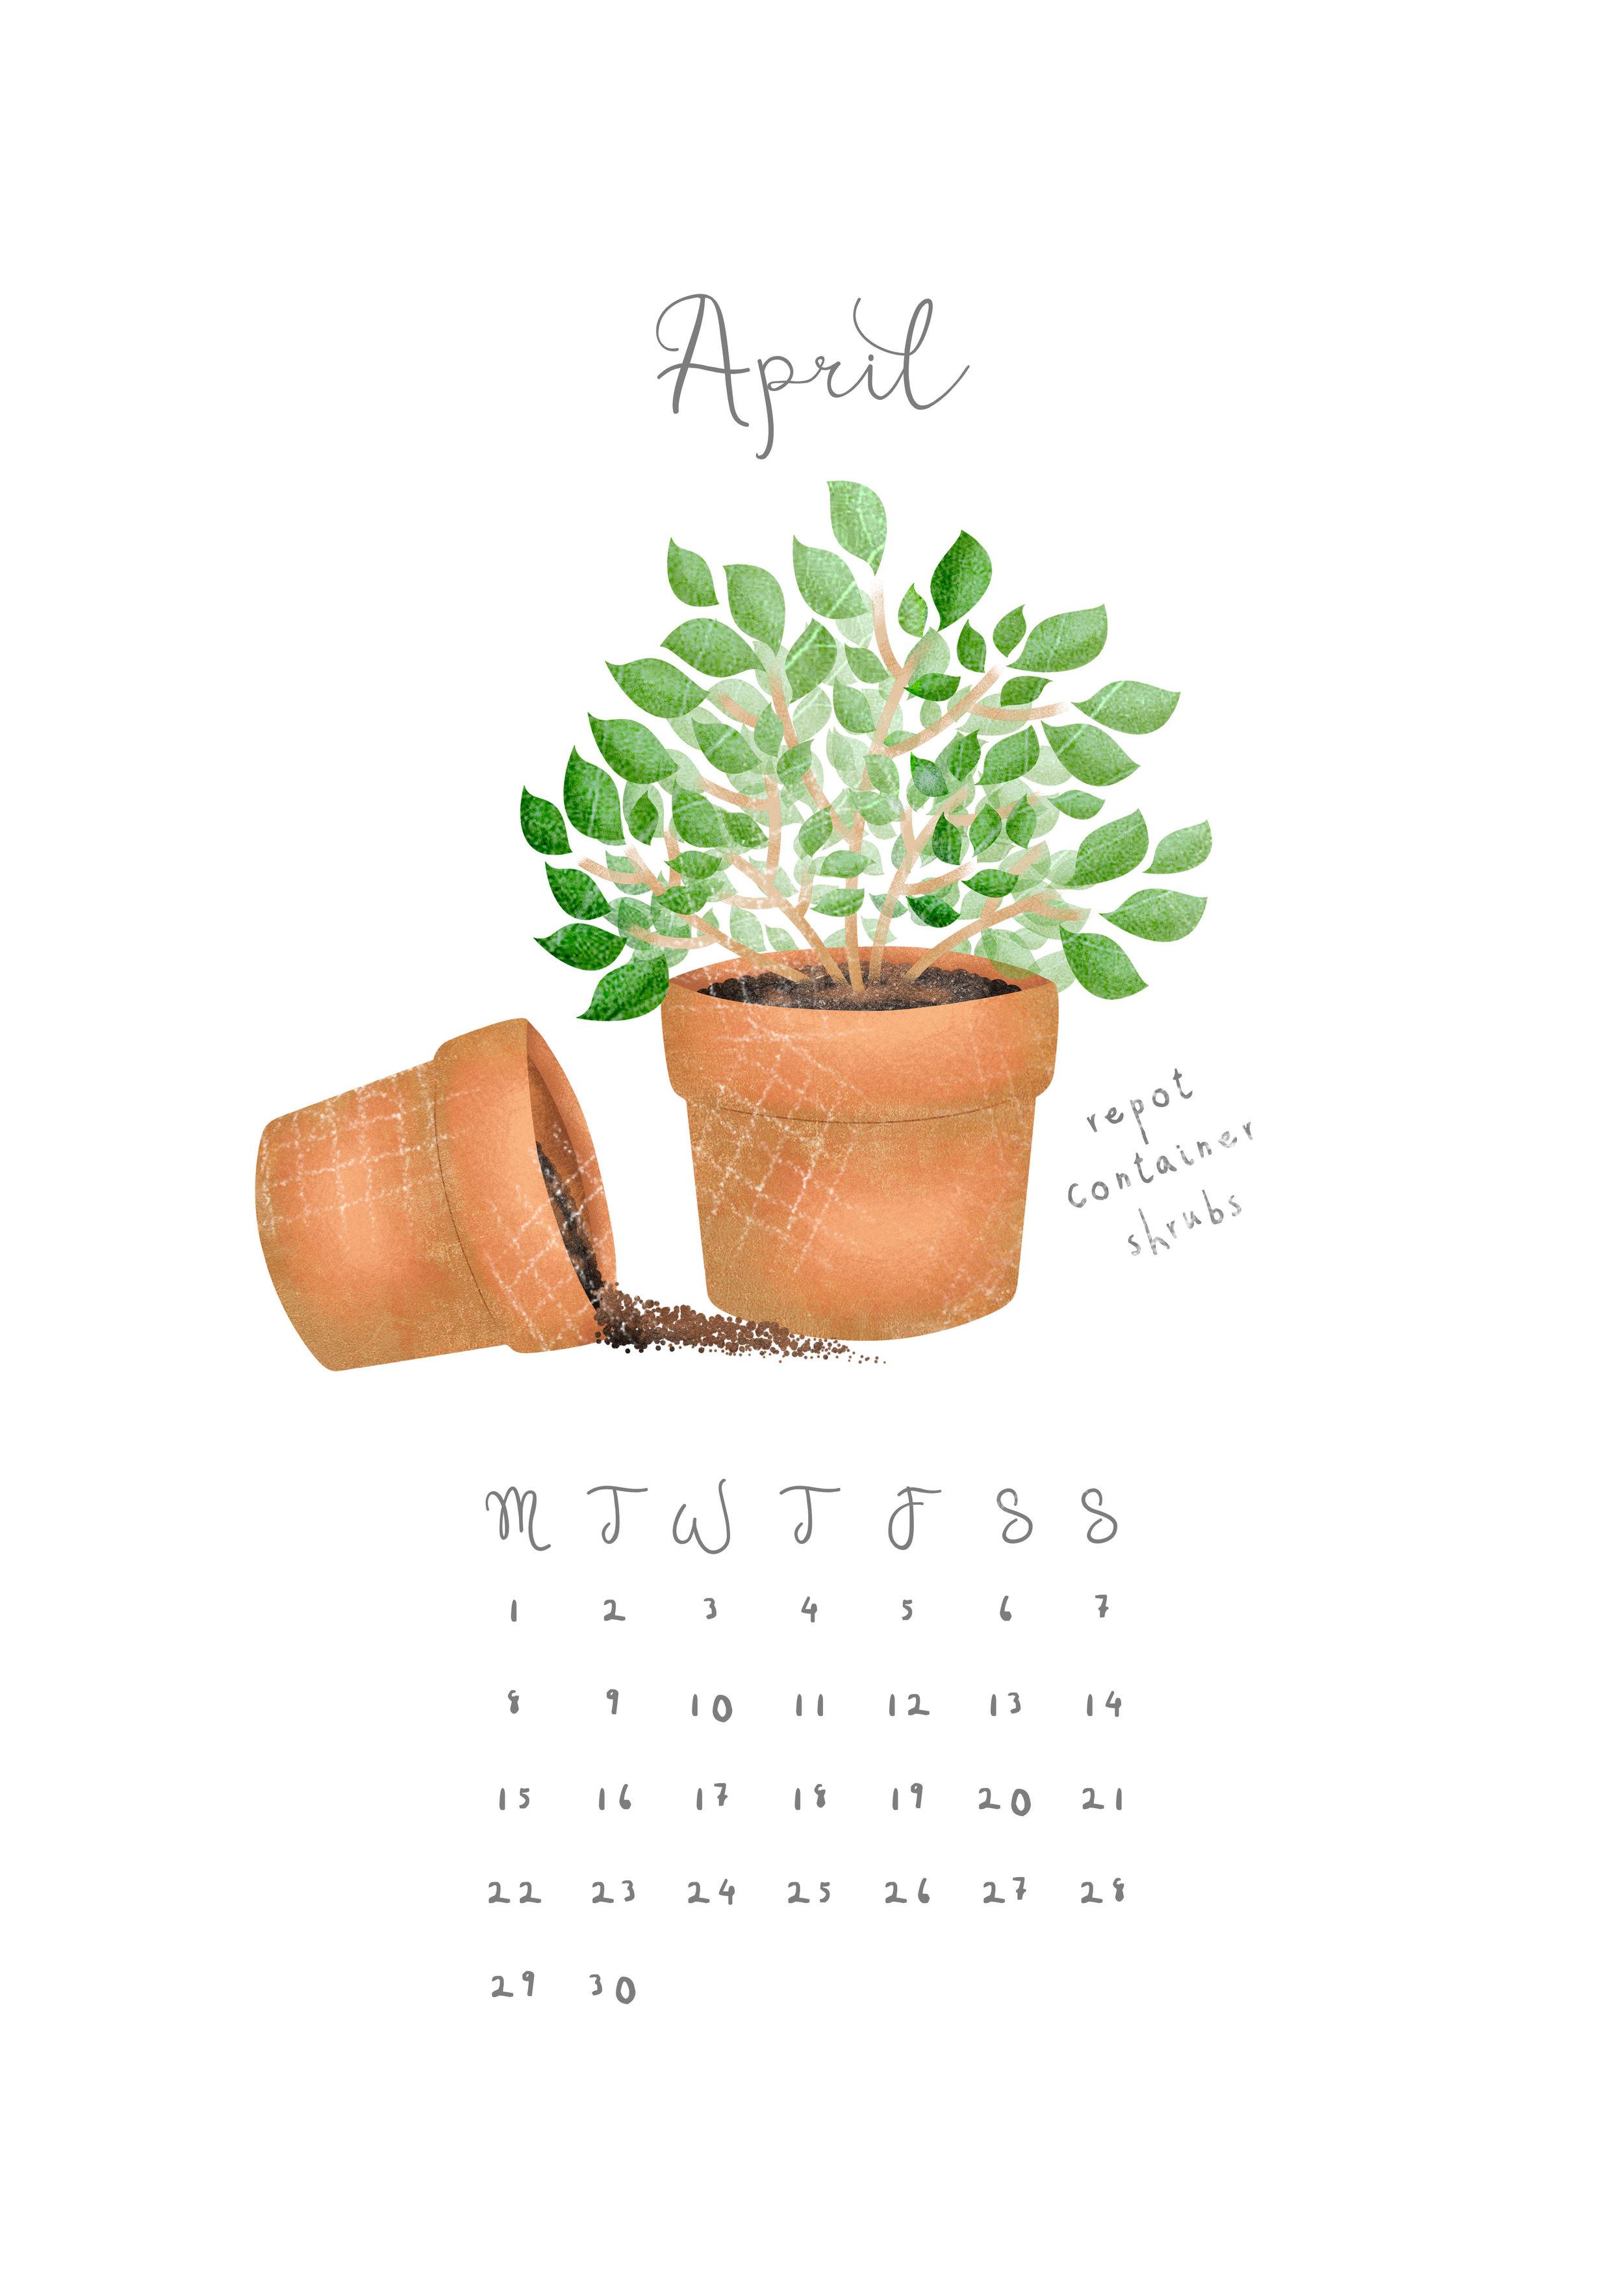 Hannah Weeks Illustration - April - Repot Shrubs - A4.jpg